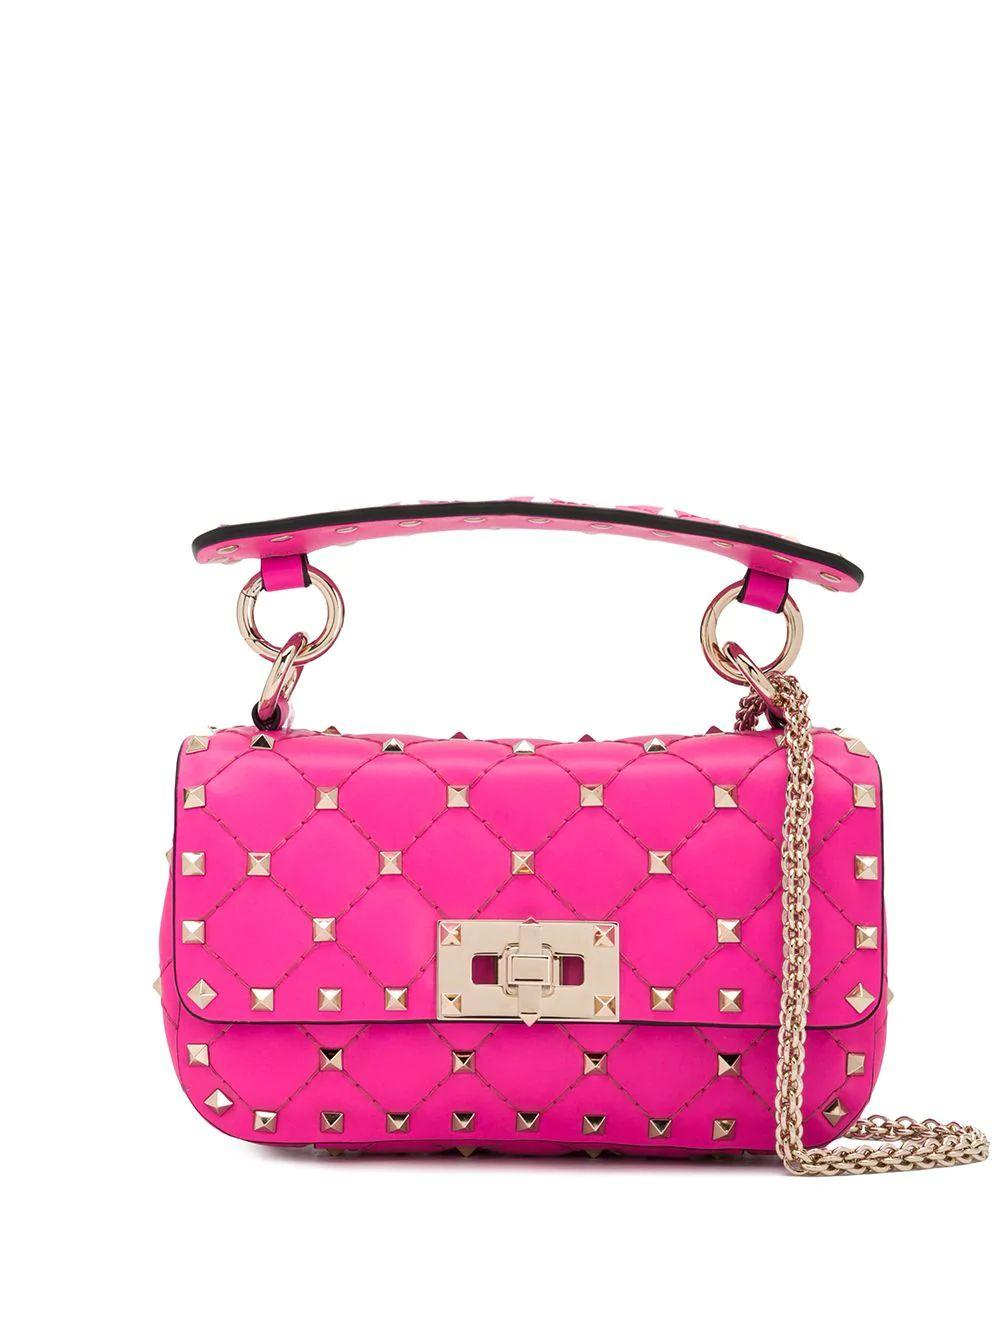 Rockstud Spike Mini Shoulder Bag Item # TW0B0G37QIB